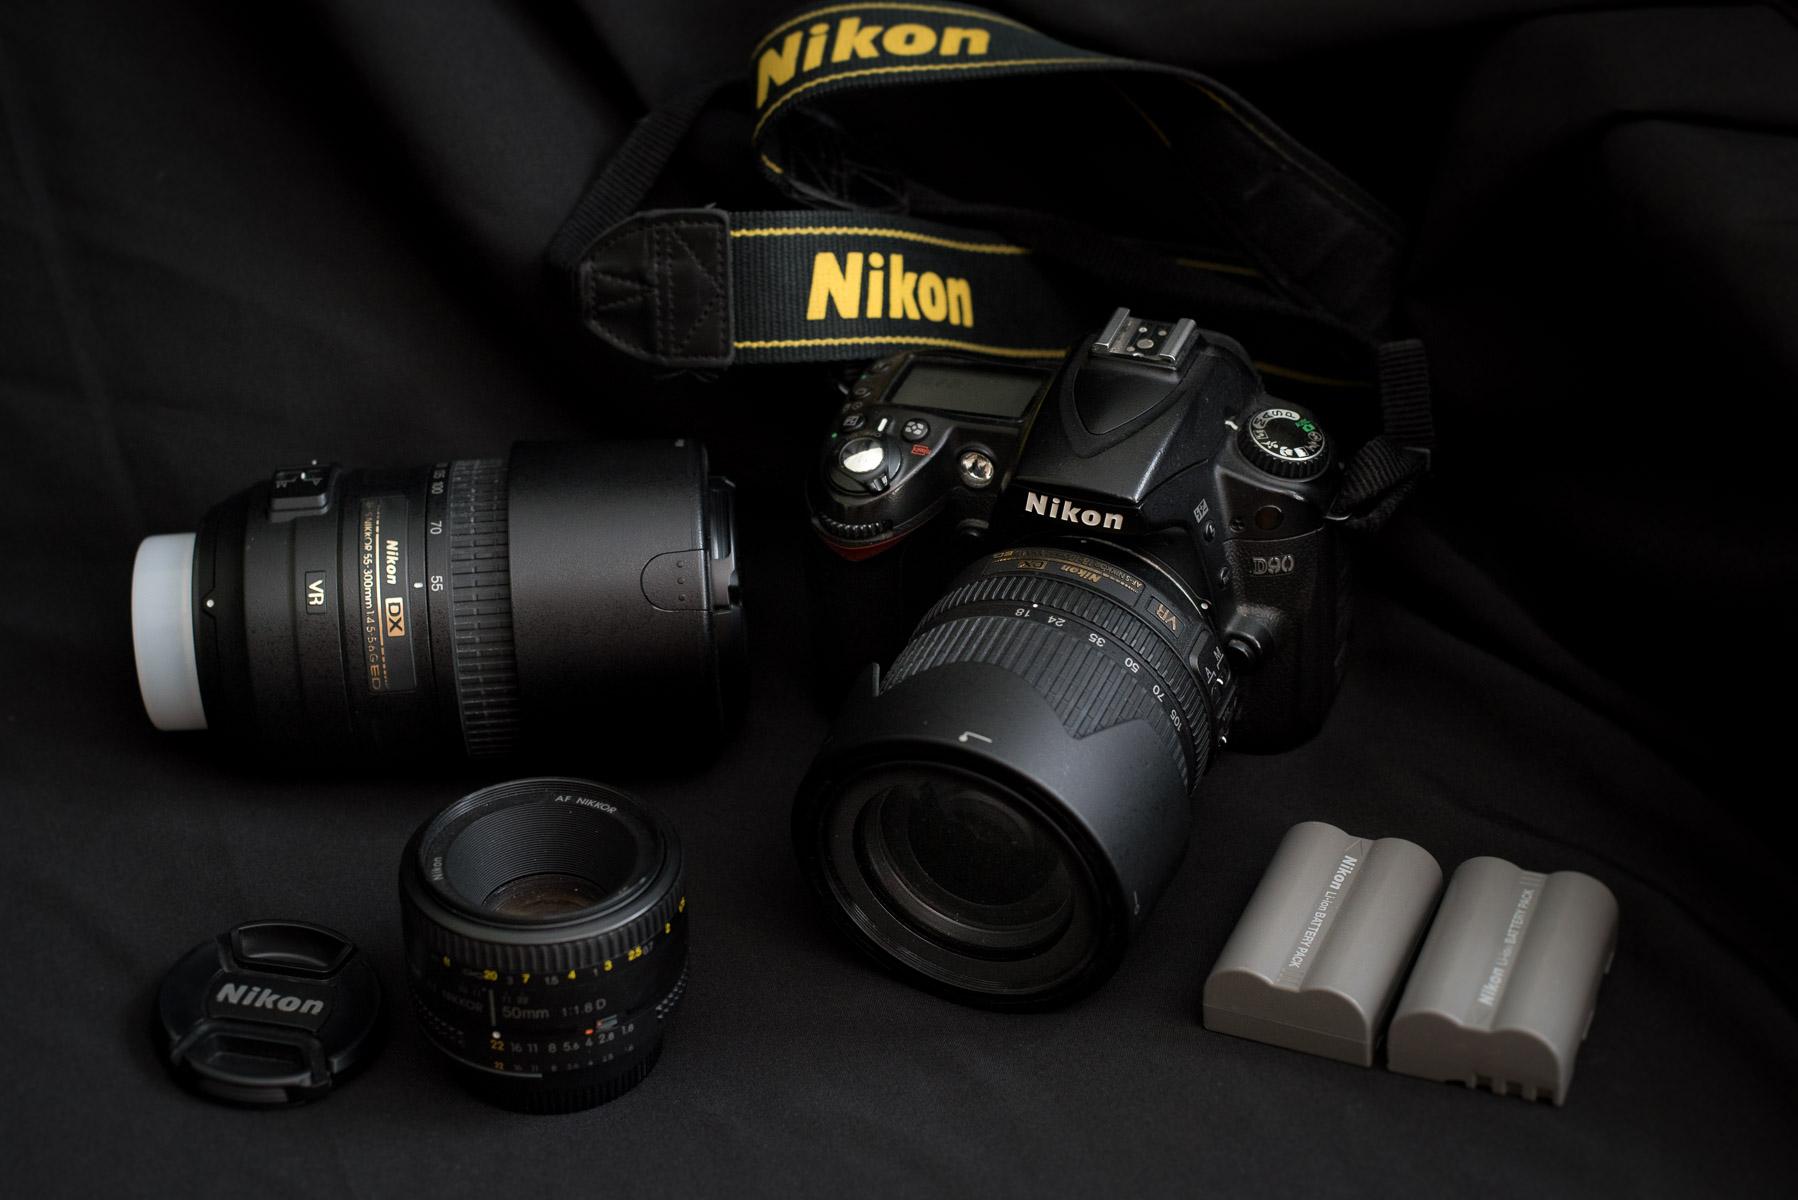 Skvělý set Nikon pro začátečníky i mírně pokročilé na prodej za skvělou cenu (prodáno)